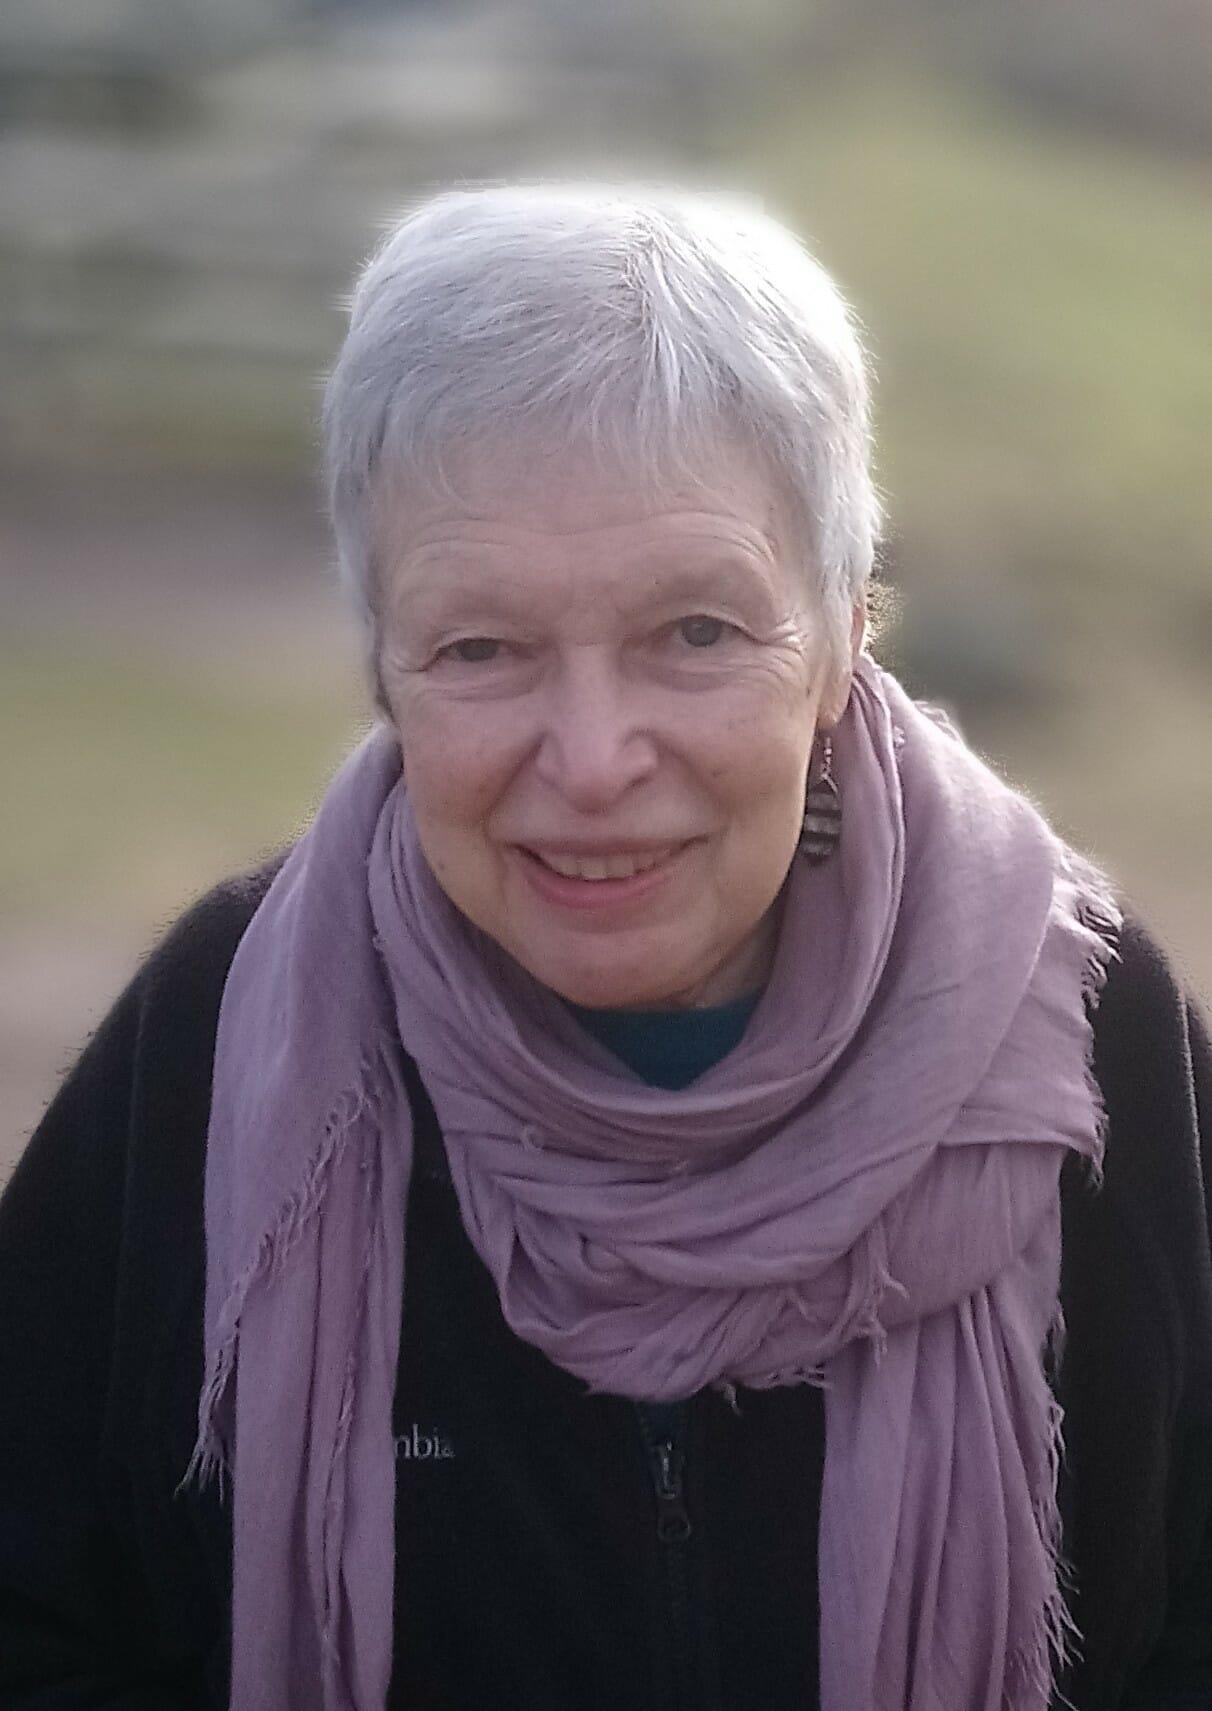 Cllr Jennifer Shaw Wright